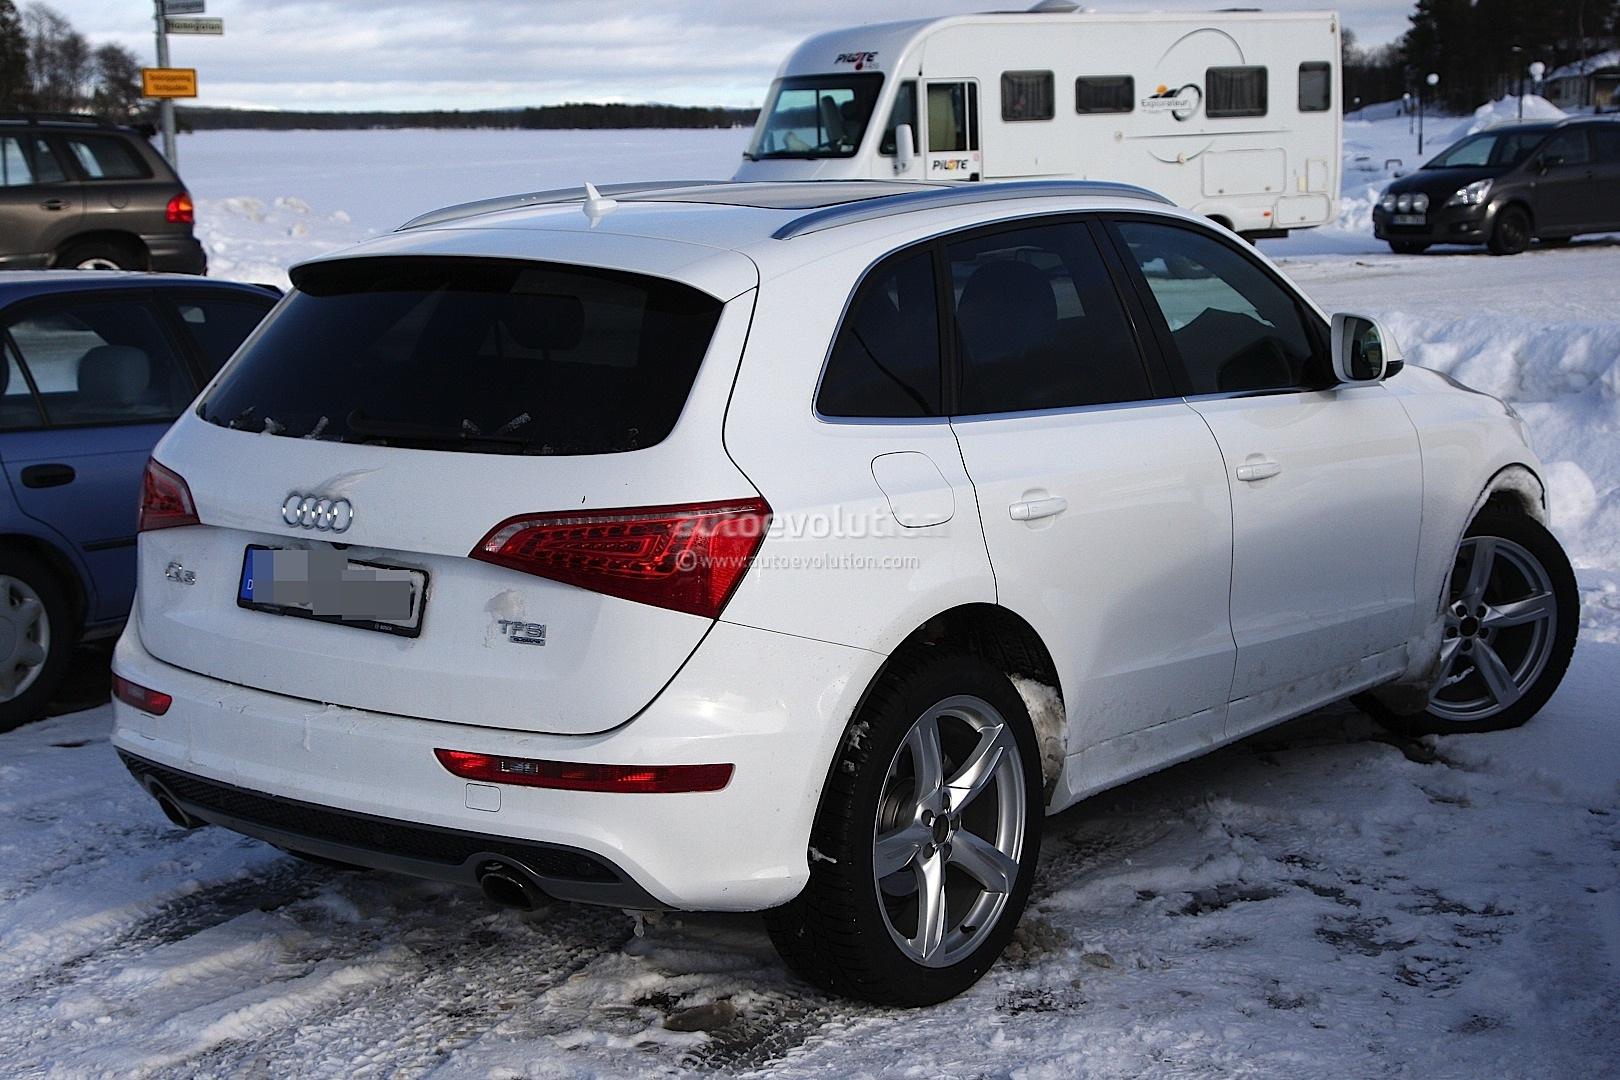 2013 Audi Q5 Image 18